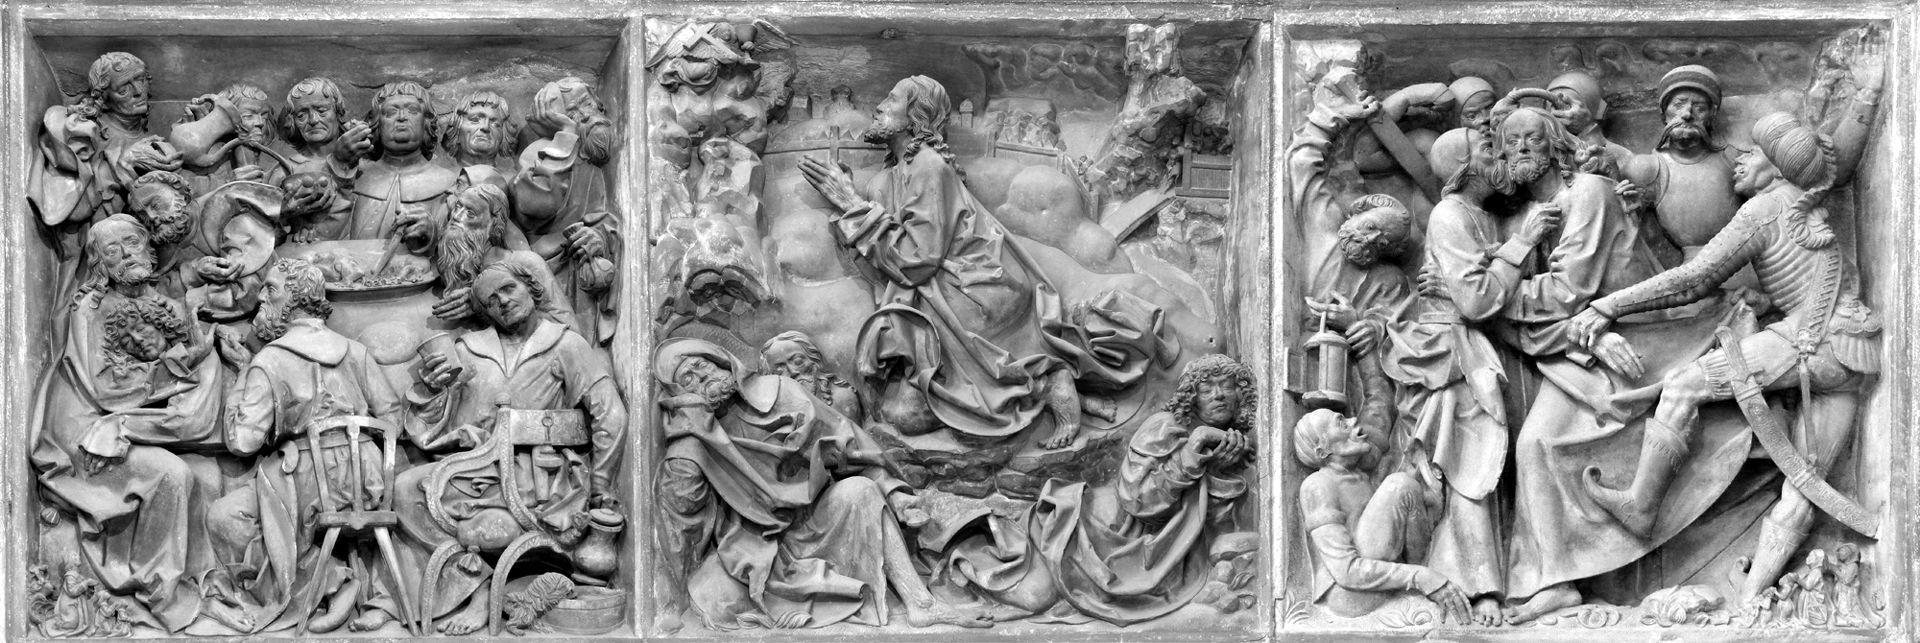 Volckamersche Gedächtnisstiftung, Reliefplatten Reliefplatten von l. nach r.: Letztes Abendmahl, Ölberggebet, Gefangennahme